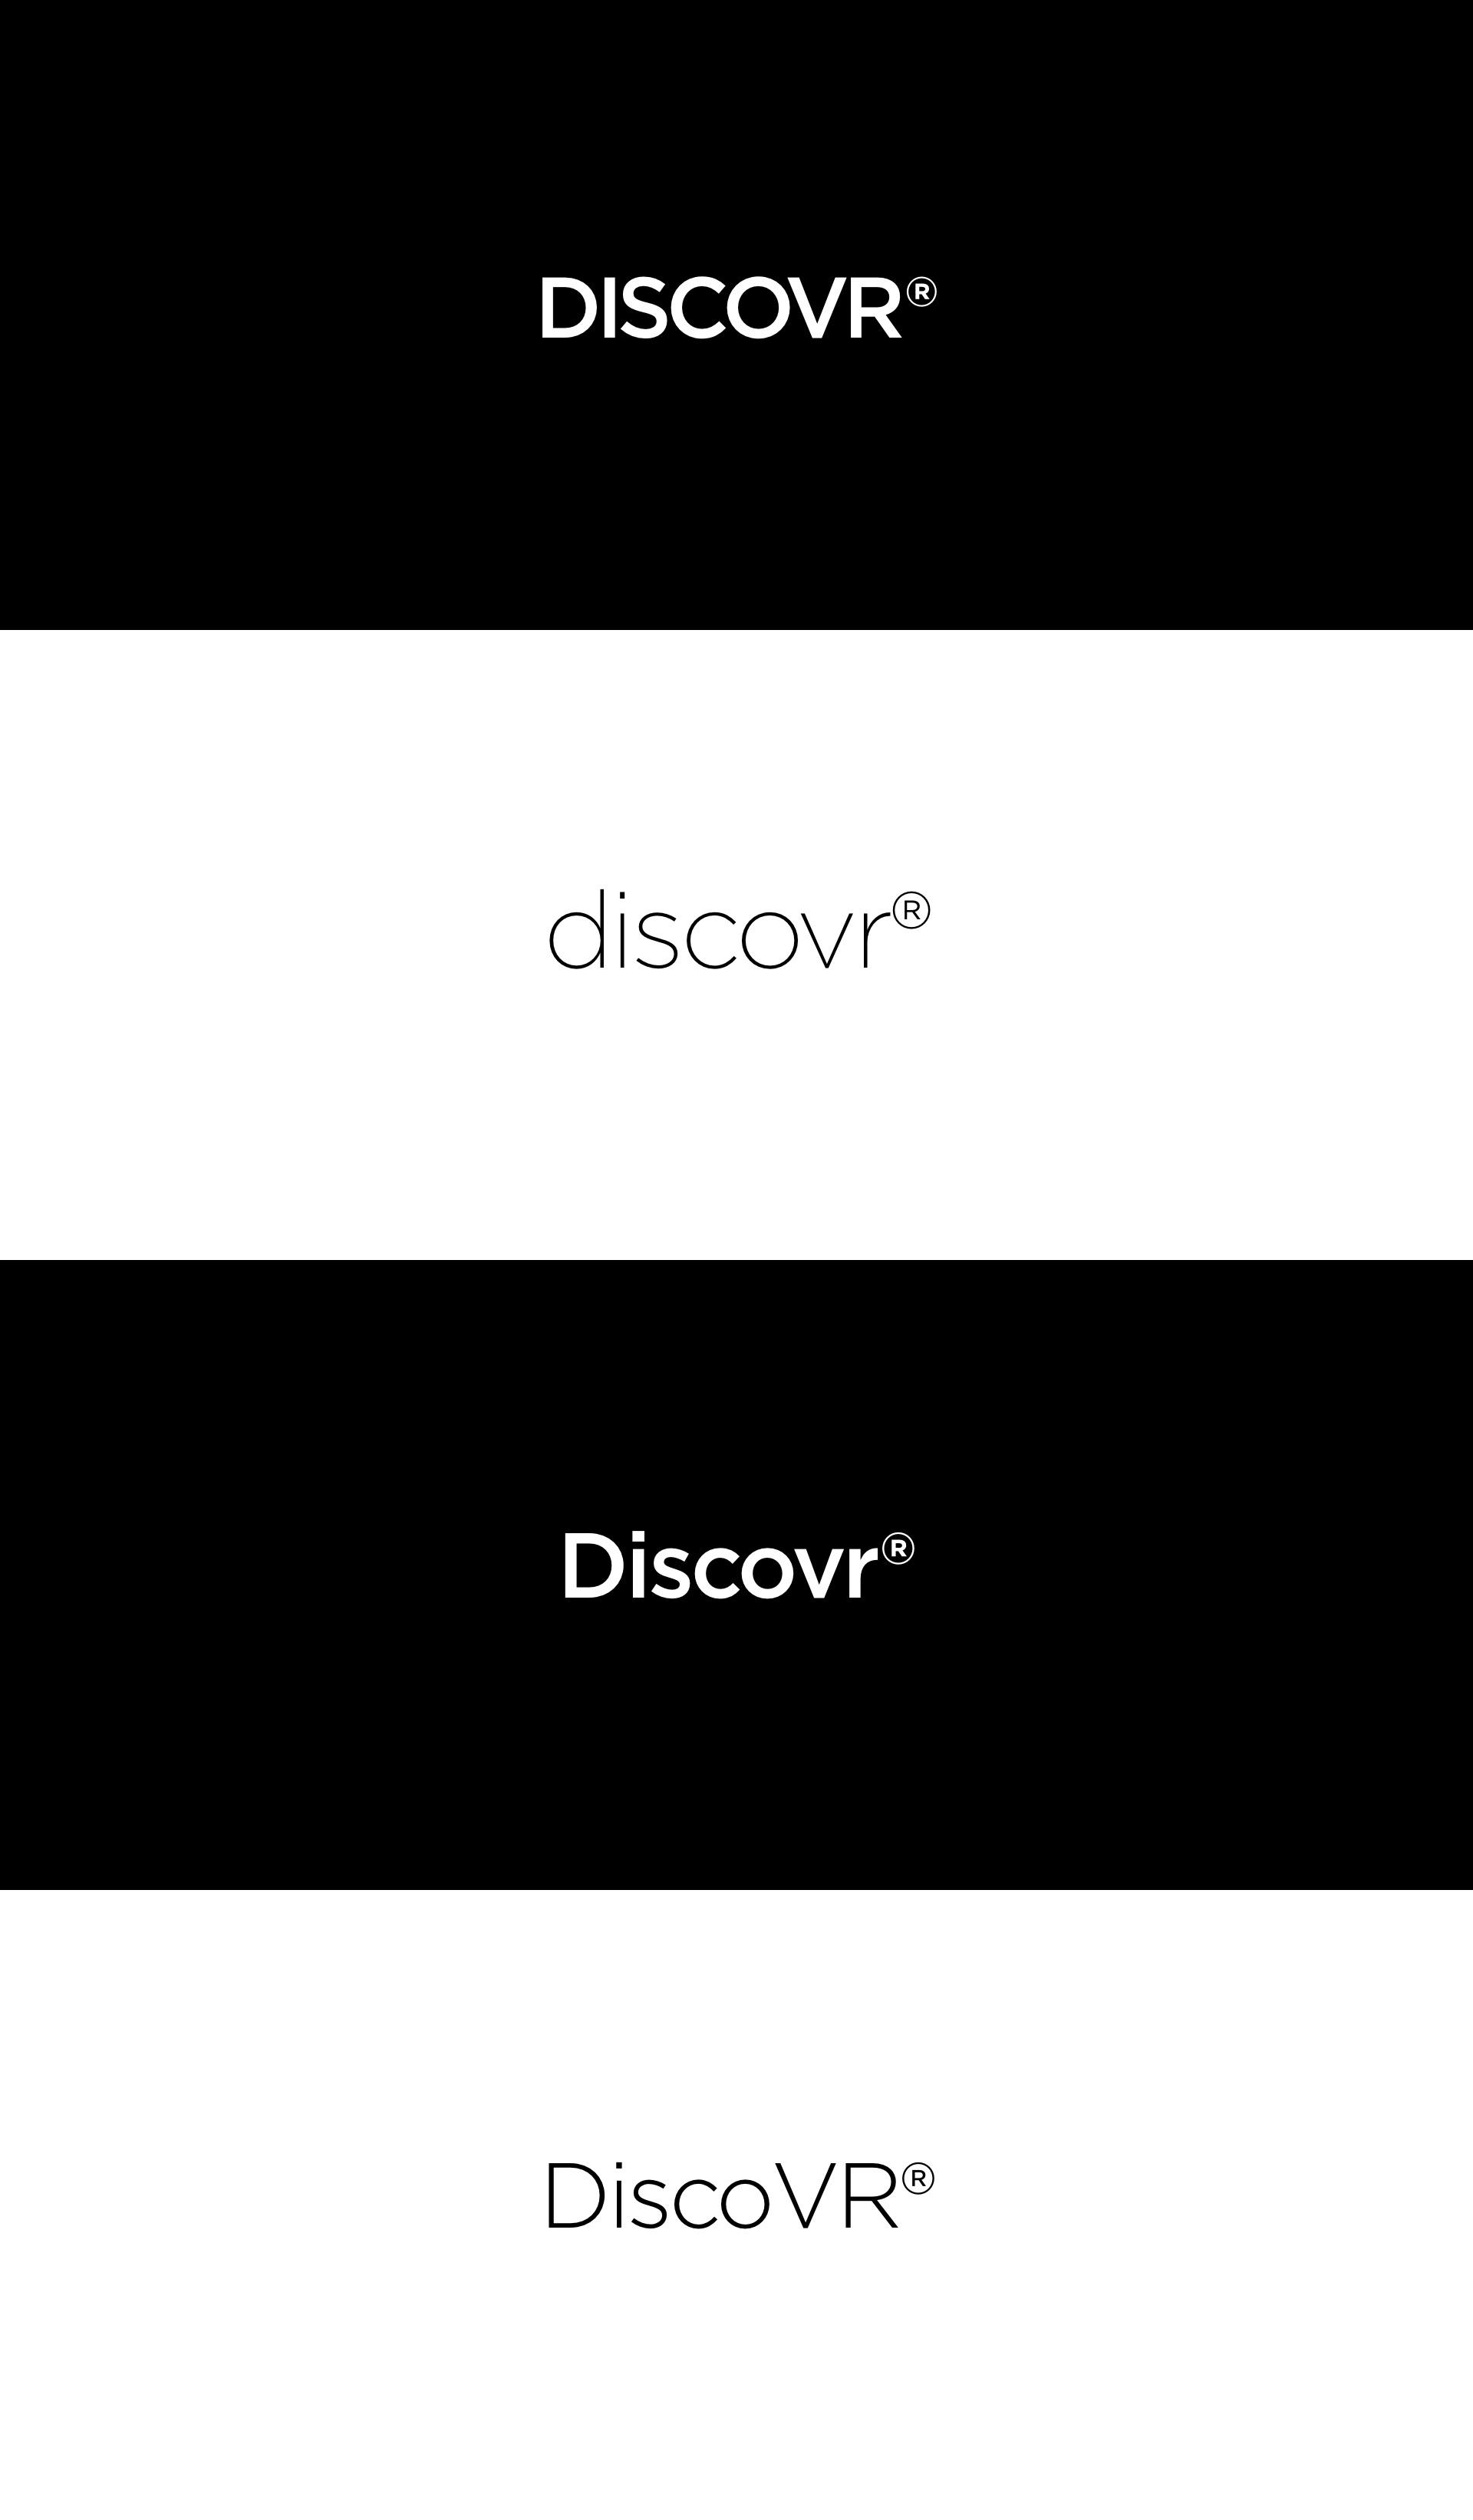 Discovr-WebBannerVariations.jpg